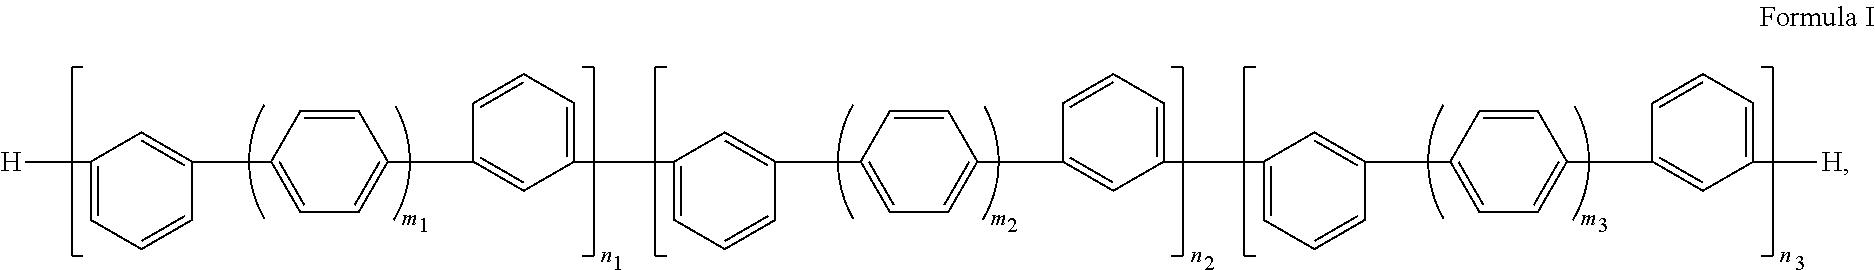 Figure US09224958-20151229-C00004